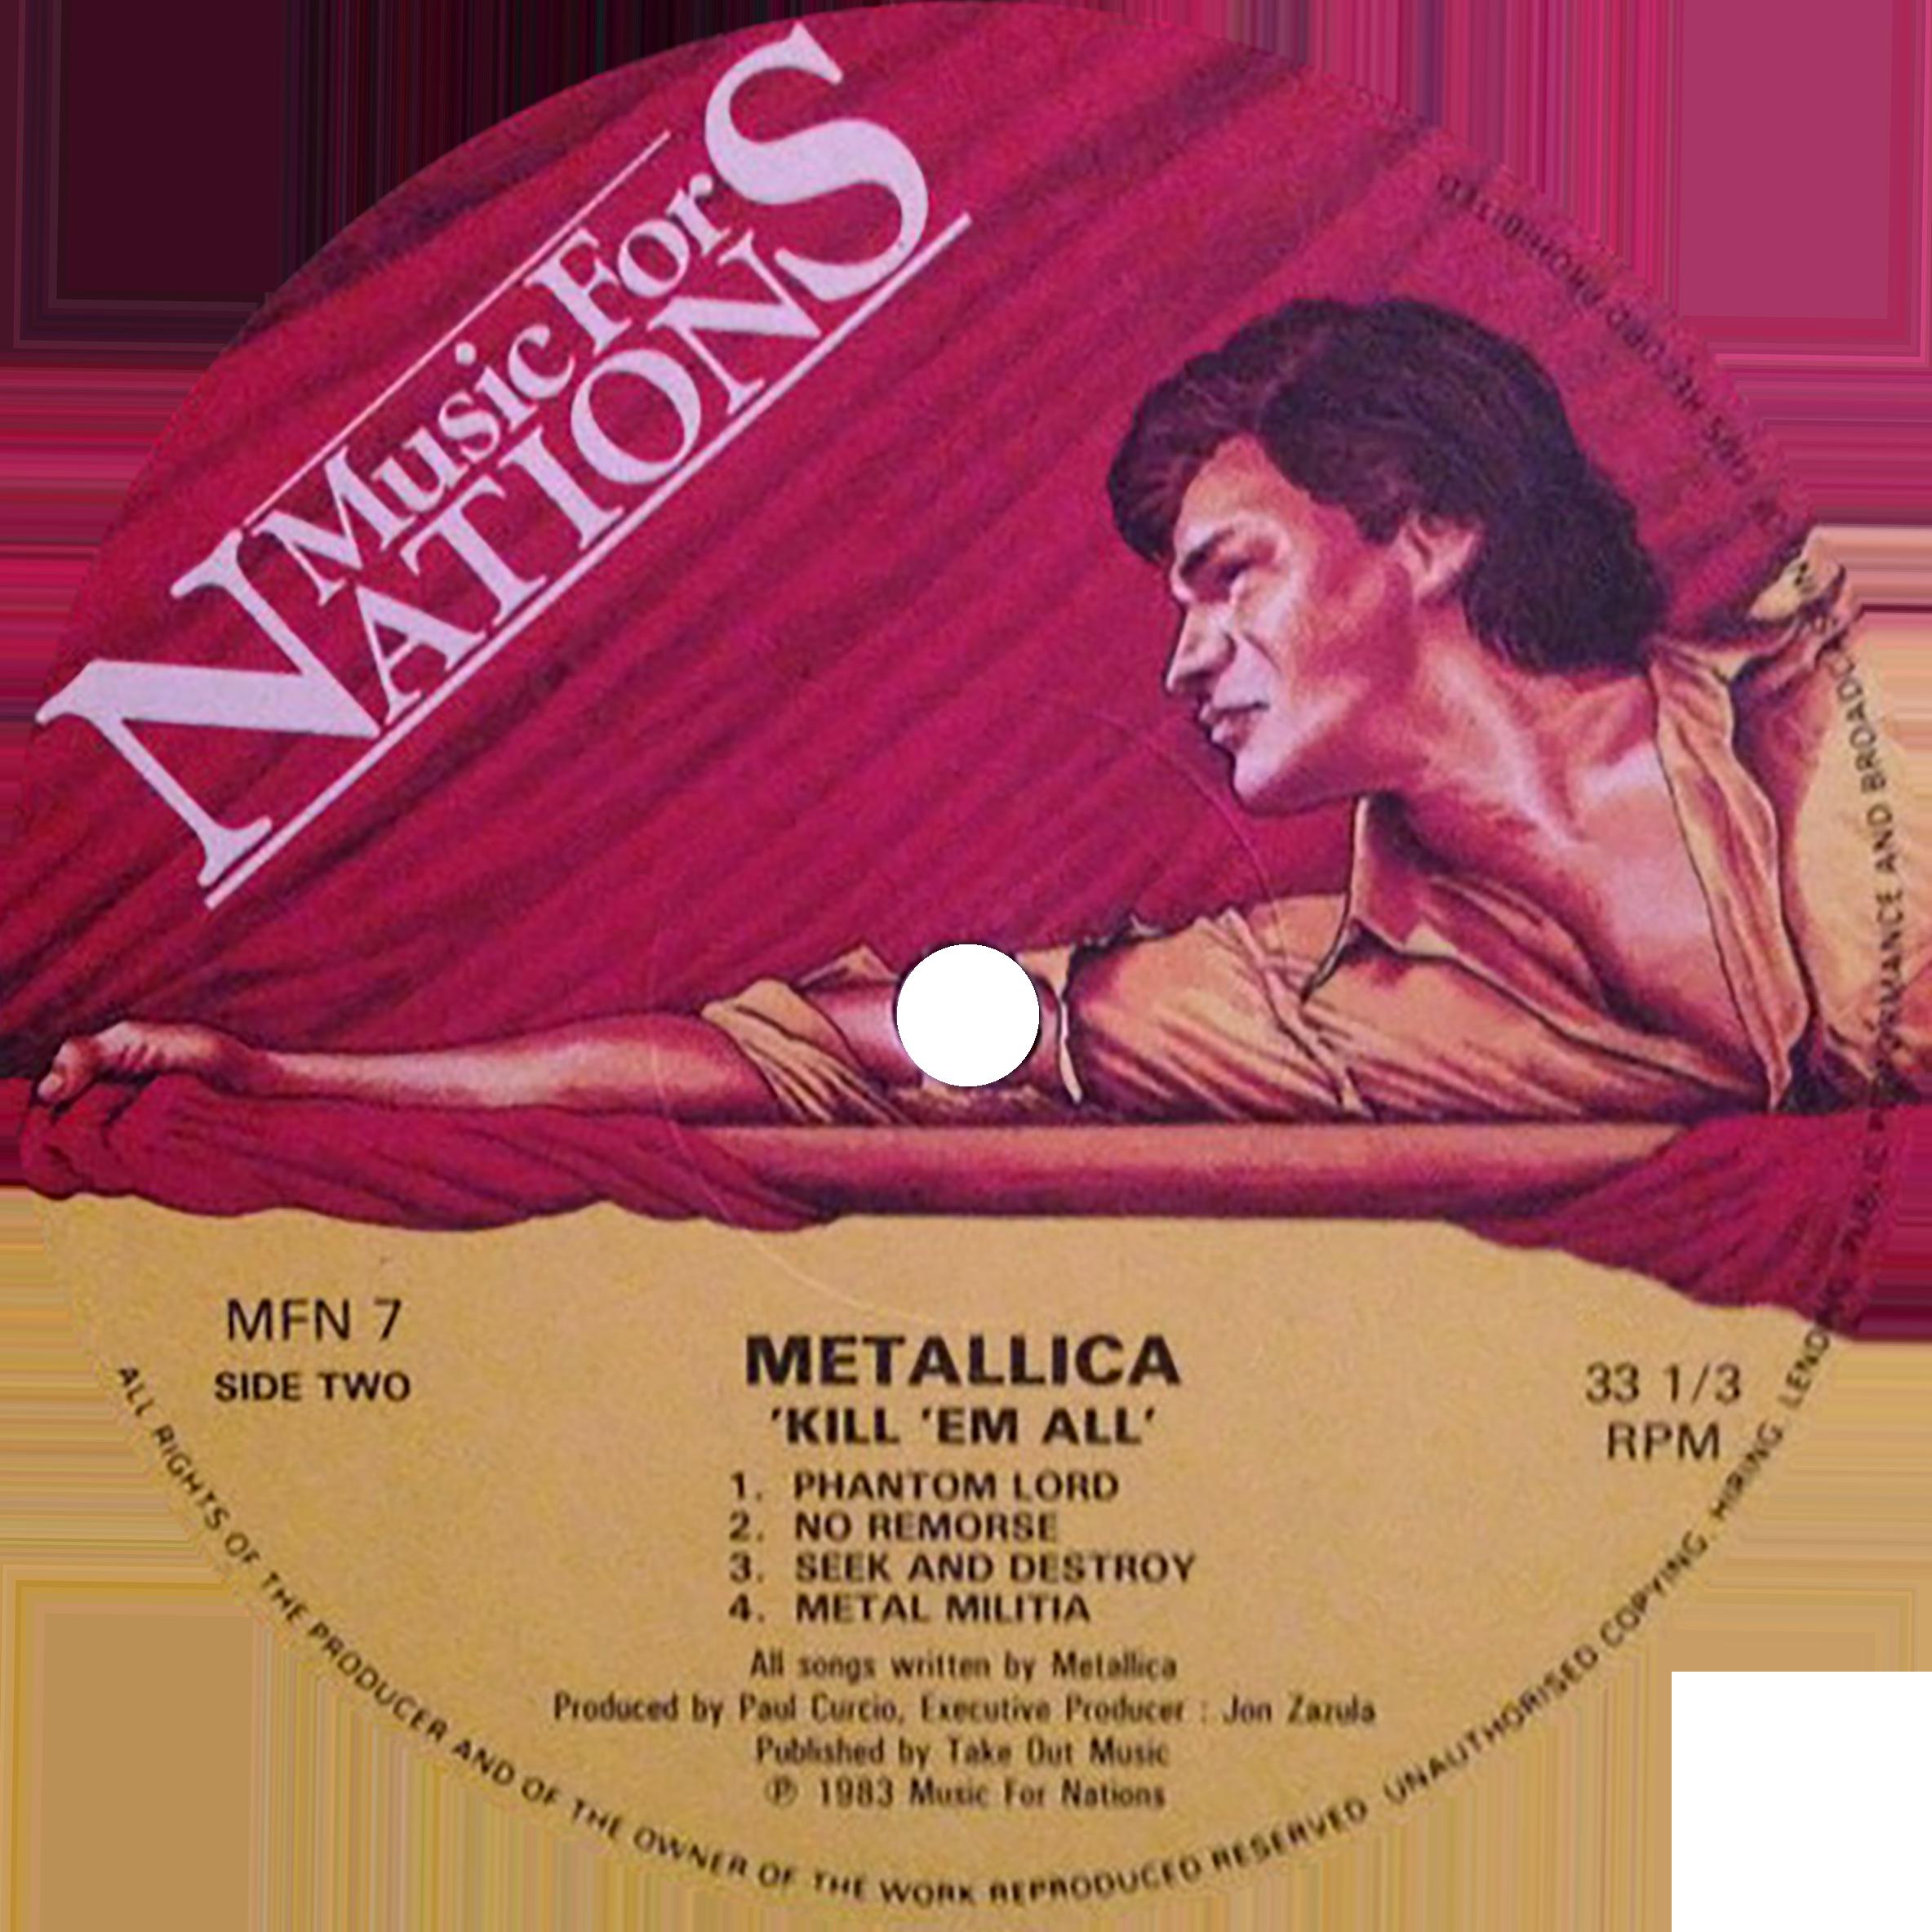 MFN 7 B 1986 reissue